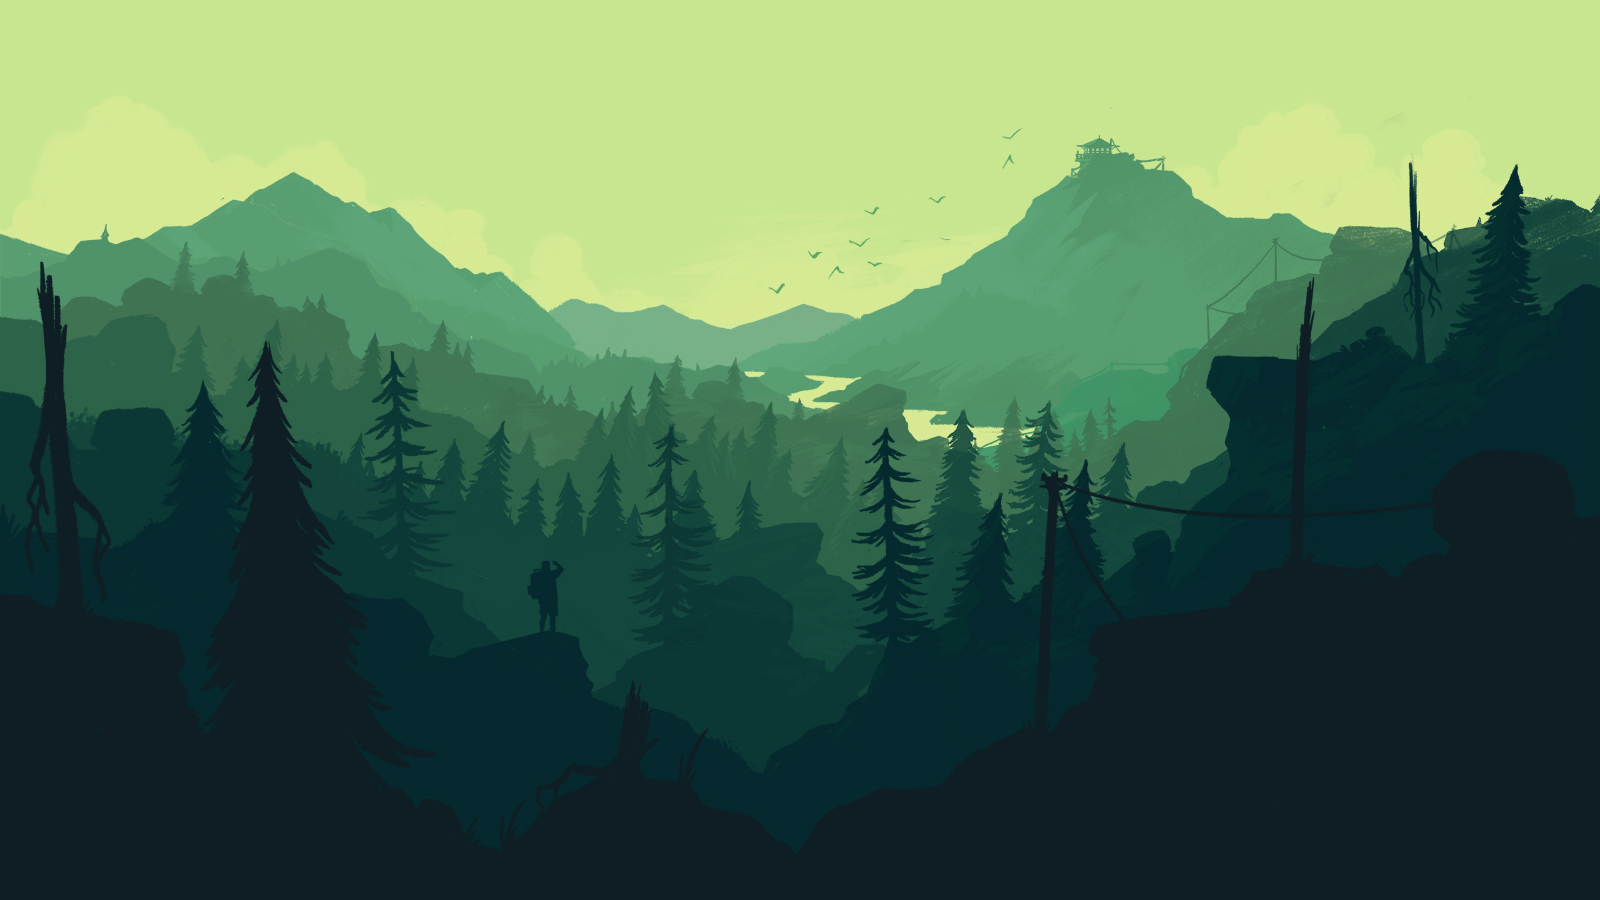 1600x900 Forest Minimal 1600x900 Resolution Wallpaper, HD ...